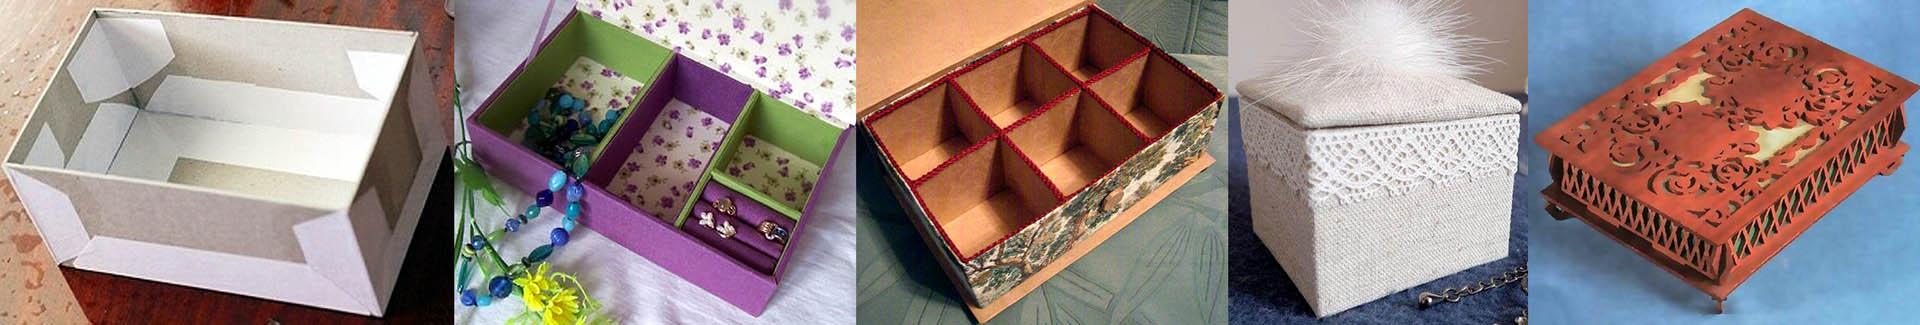 Как укрепить картонную коробку для превращения в шкатулку